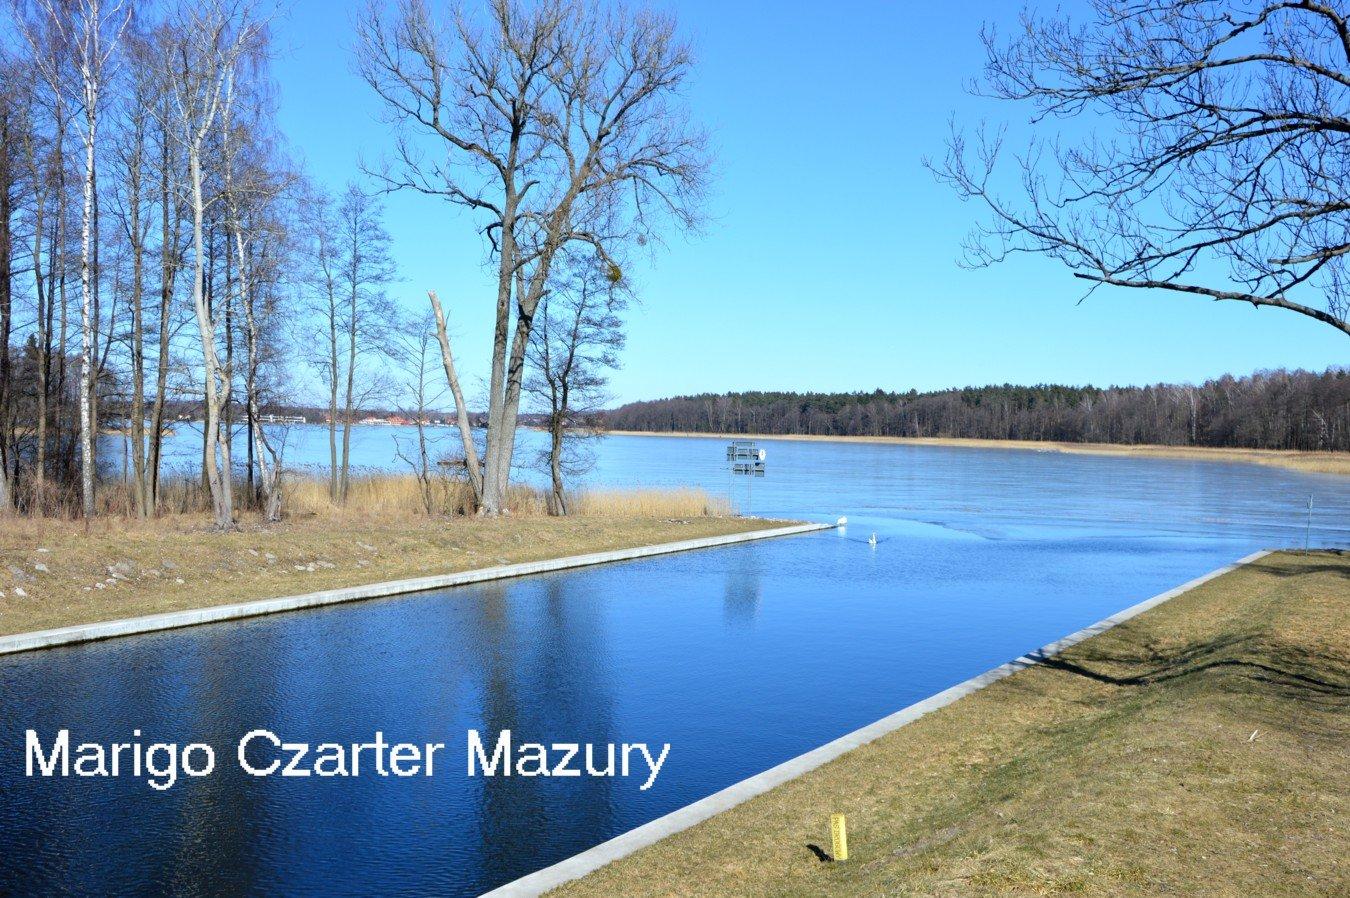 wyjście-z-kanału-kula-na-jezioro-boczne